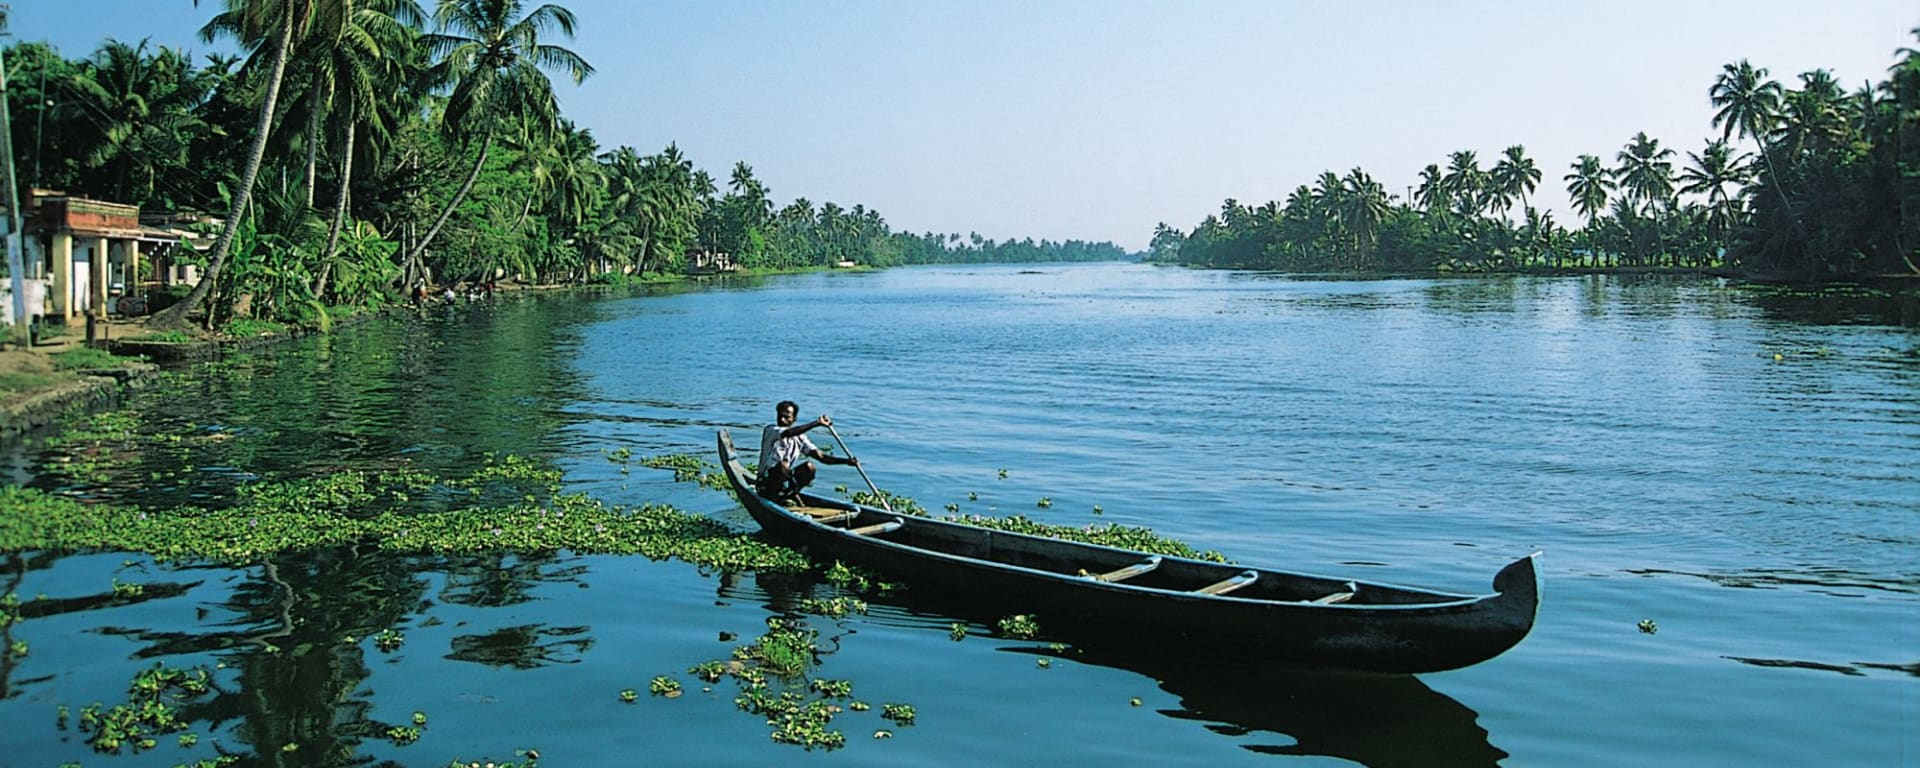 Les Backwaters du Kerala de Kochi: Backwaters: local boat